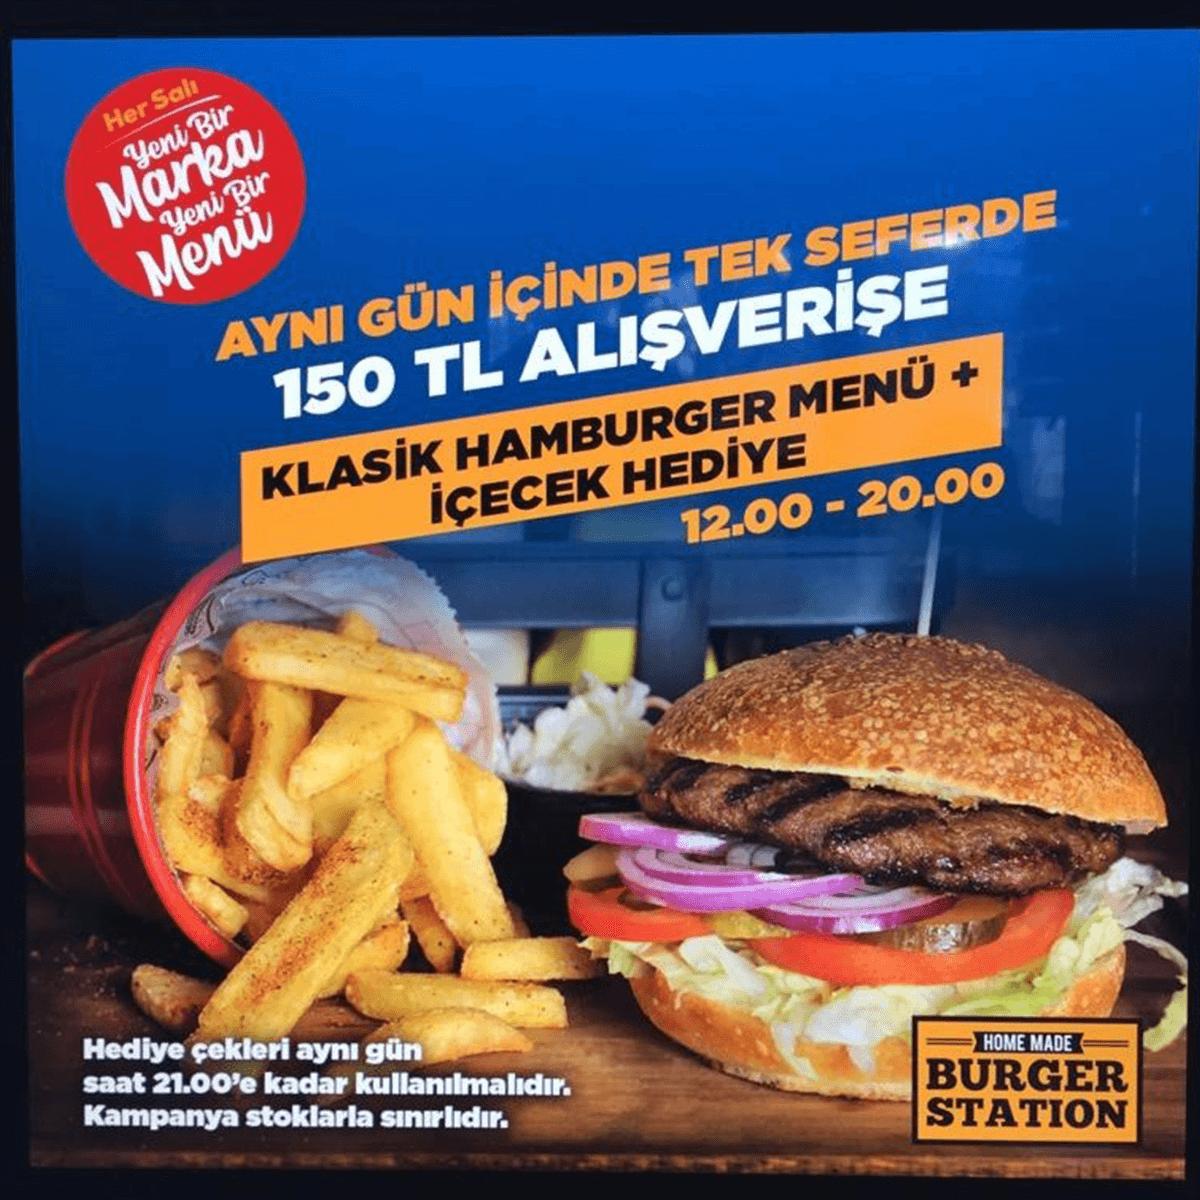 Klasik Hamburger Menü ve İçecek Hediye!